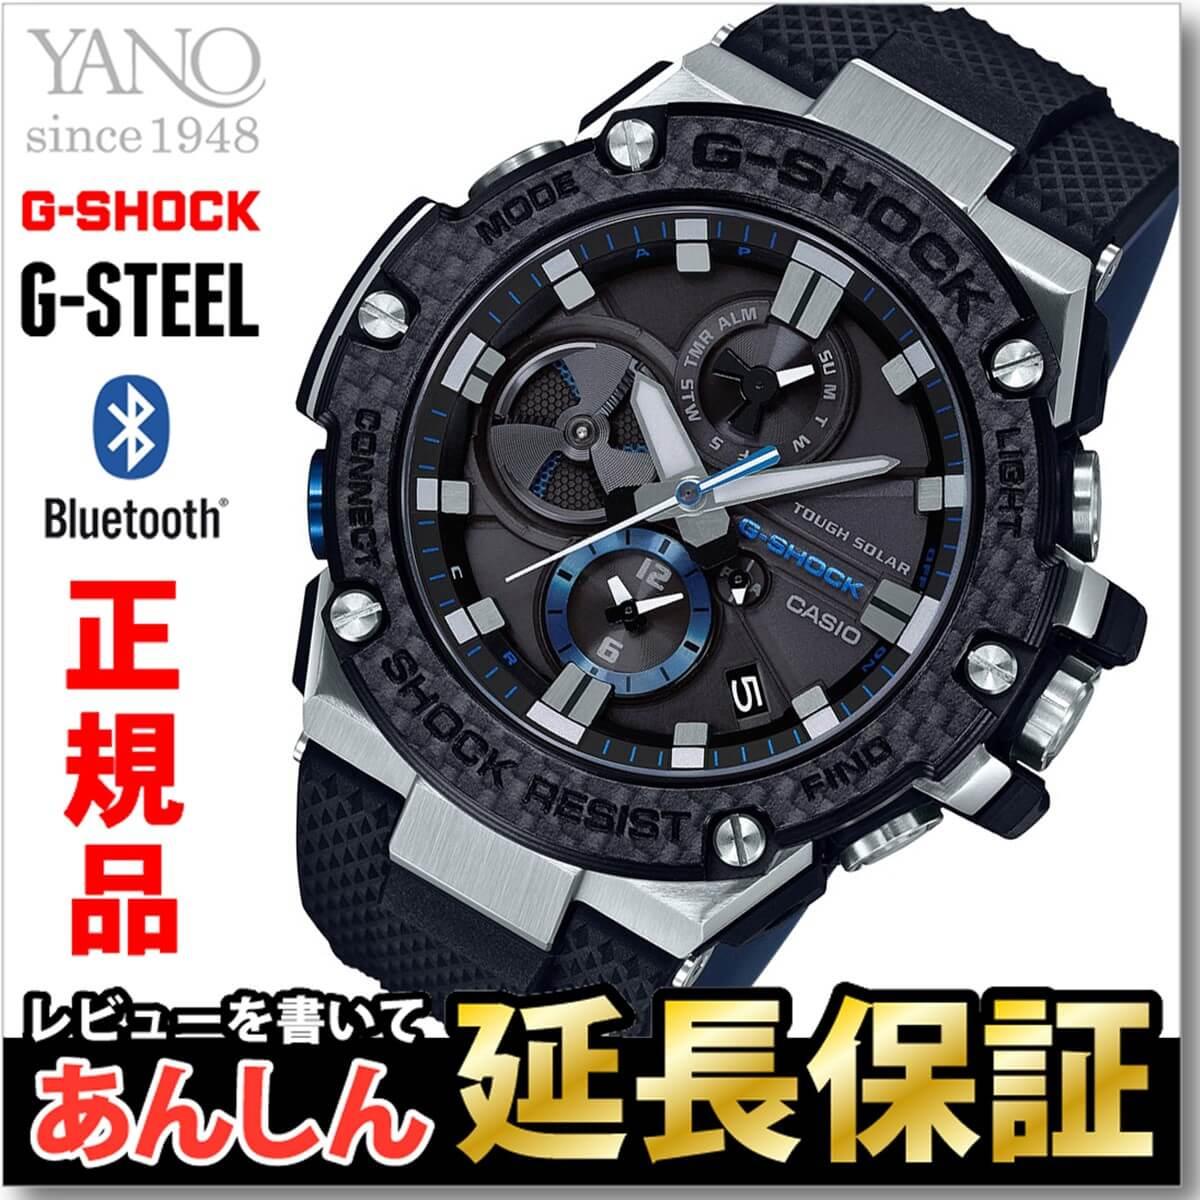 【スーパーSALEクーポンでお得!】カシオ Gショック GST-B100XA-1AJF G-STEEL カーボンベゼル スマホリンク Bluetooth(R)搭載タフネスクロノグラフ ソーラー メンズ 腕時計 アナログ CASIO G-SHOCK 【正規品】【1117】